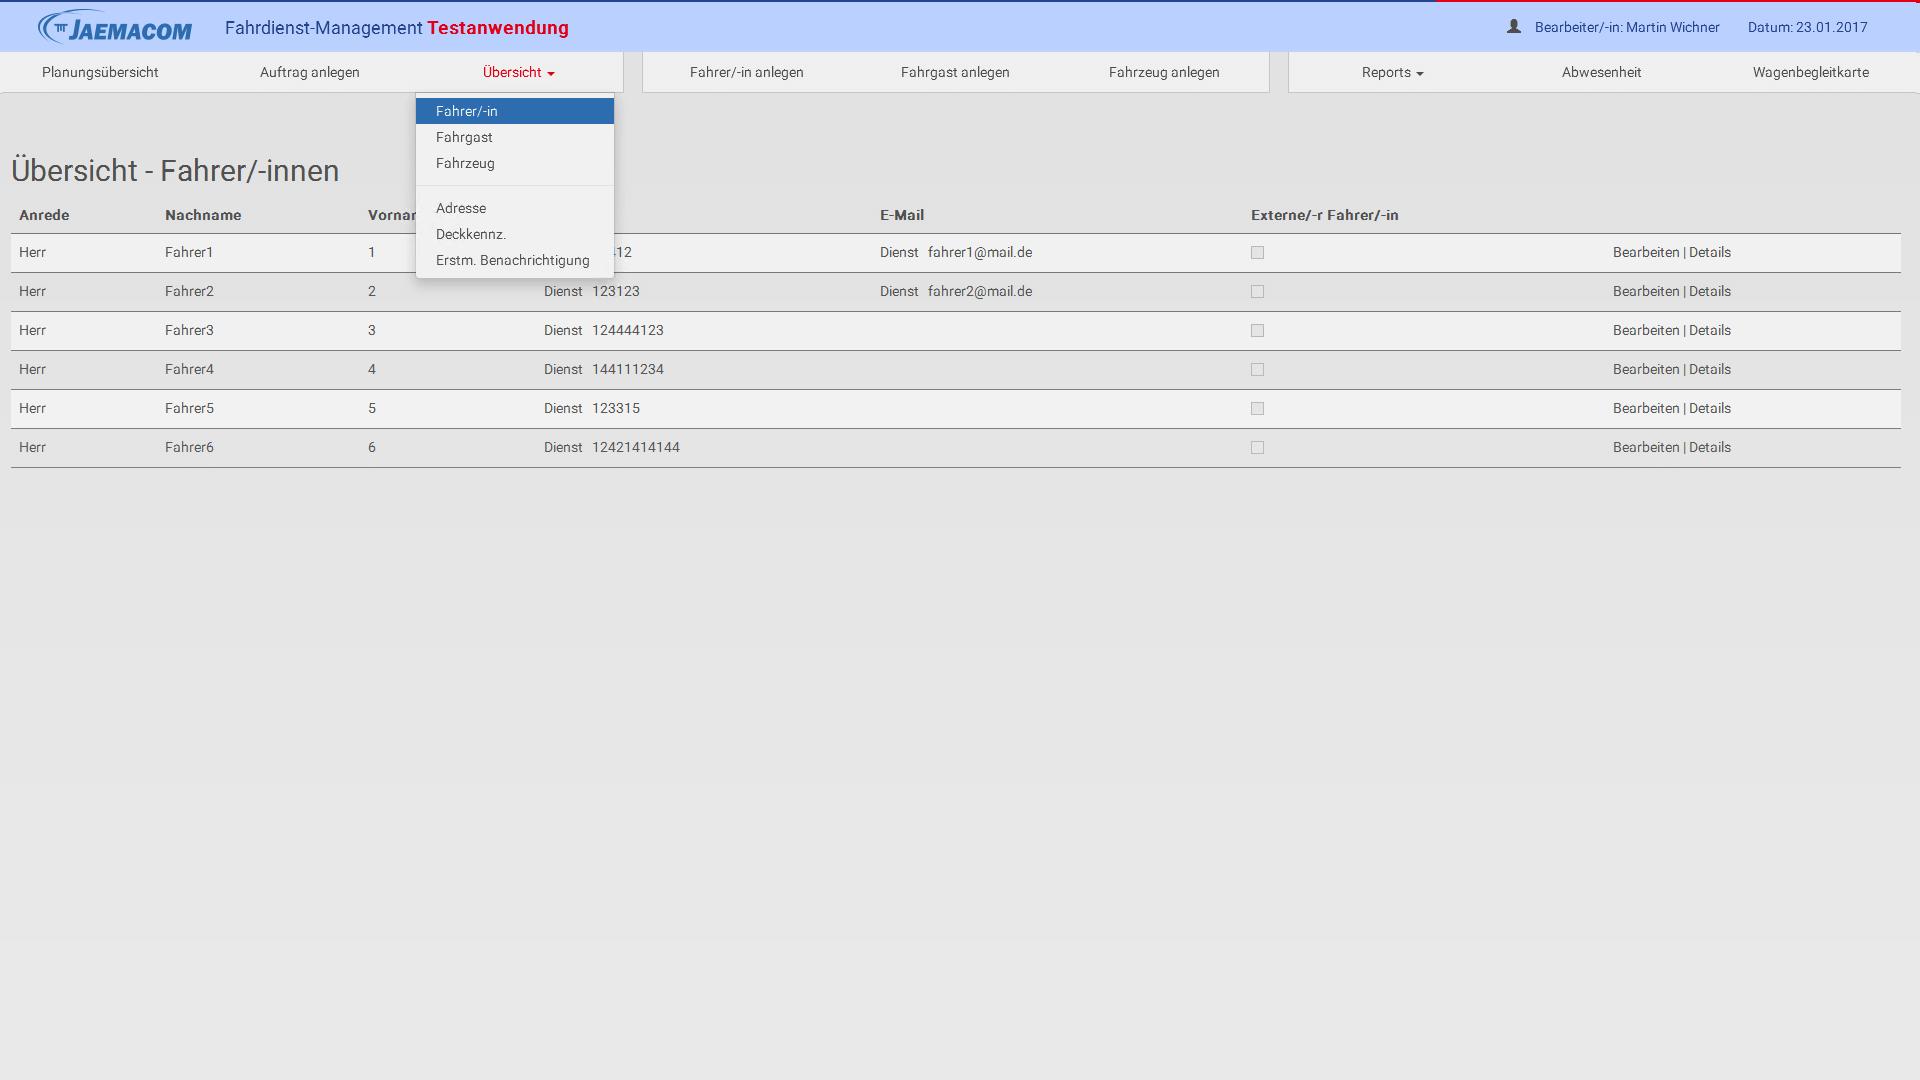 Liste der angestellten Fahrer im einfachen Überblick